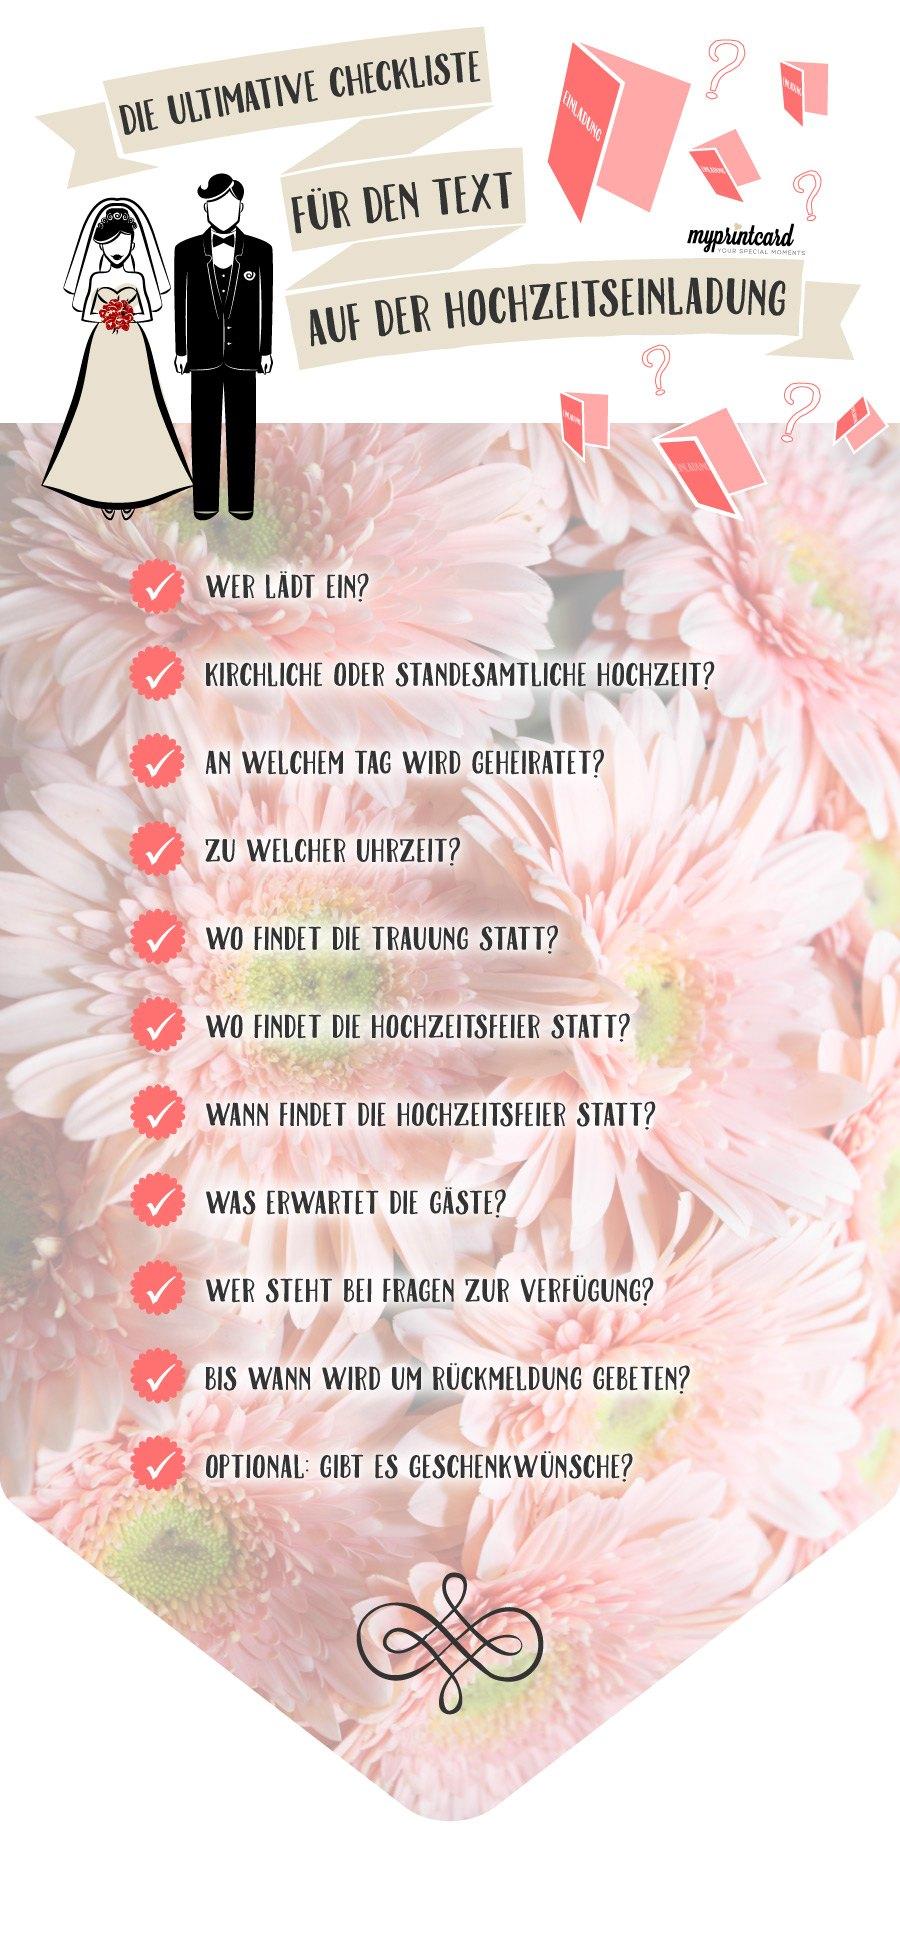 Mit Der Checkliste Vergesst Ihr Nichts Im Text Der Hochzeitseinladung